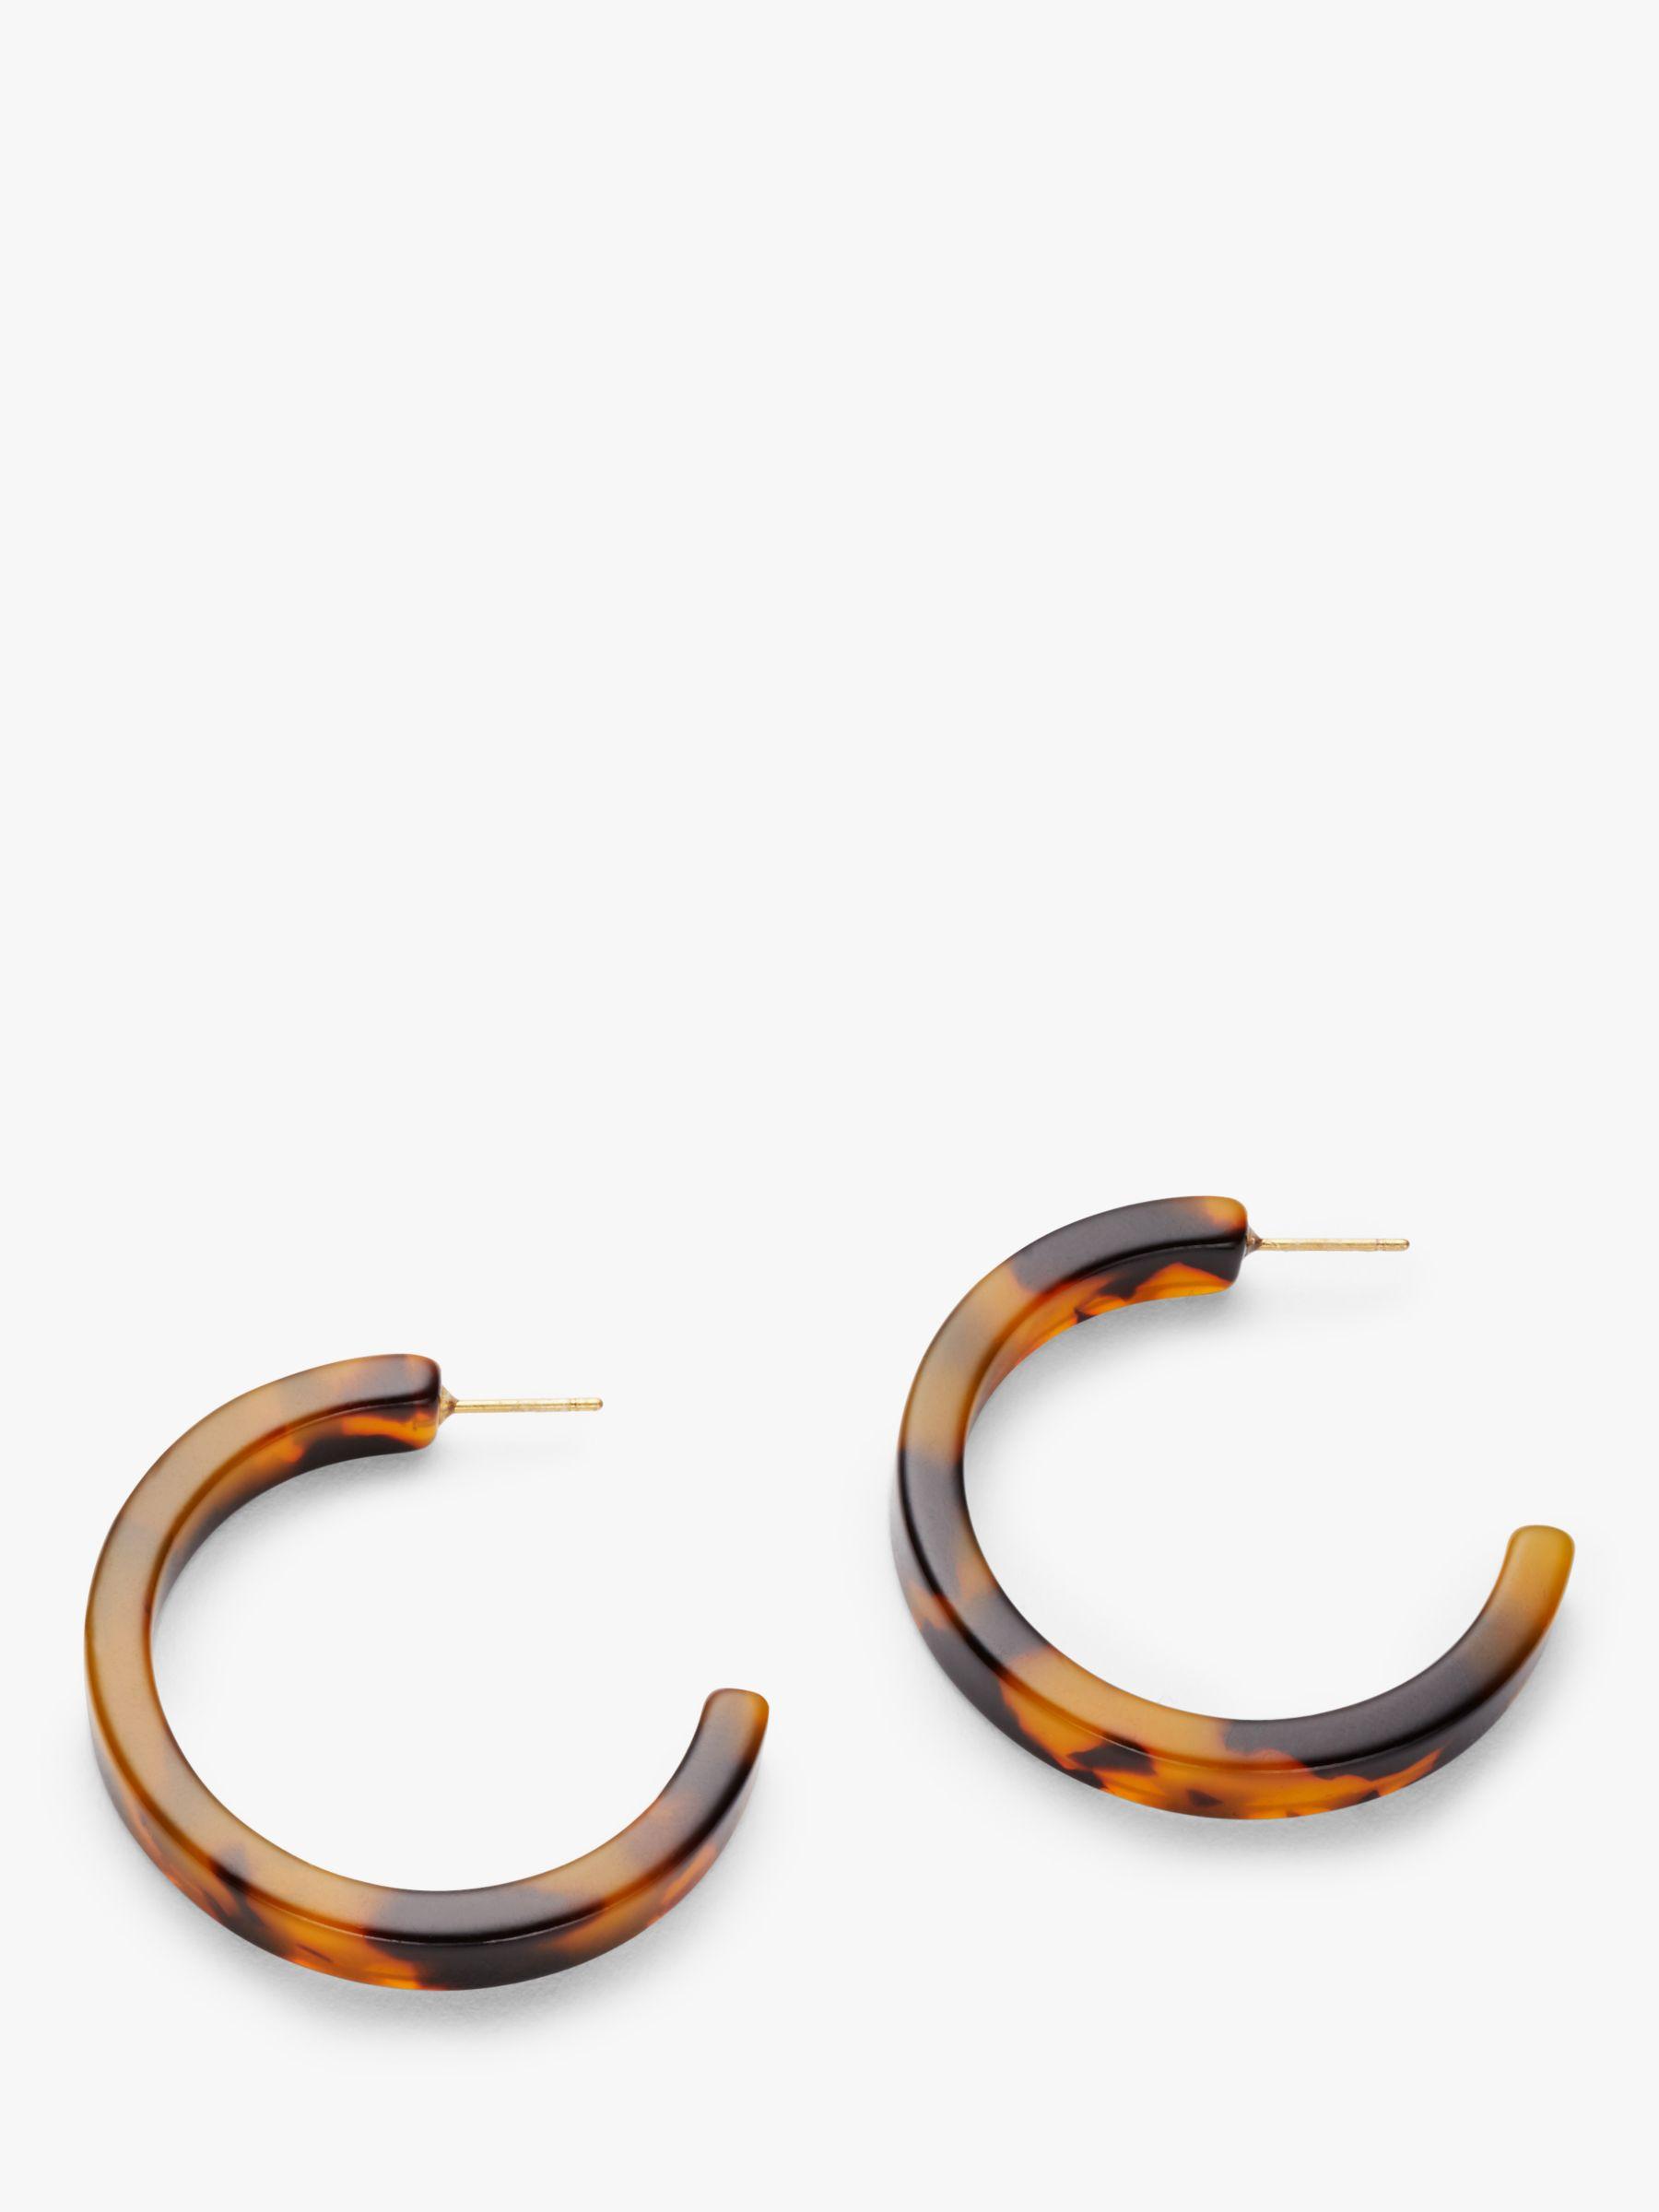 Boden Boden Resin Hoop Earrings, Tortoise